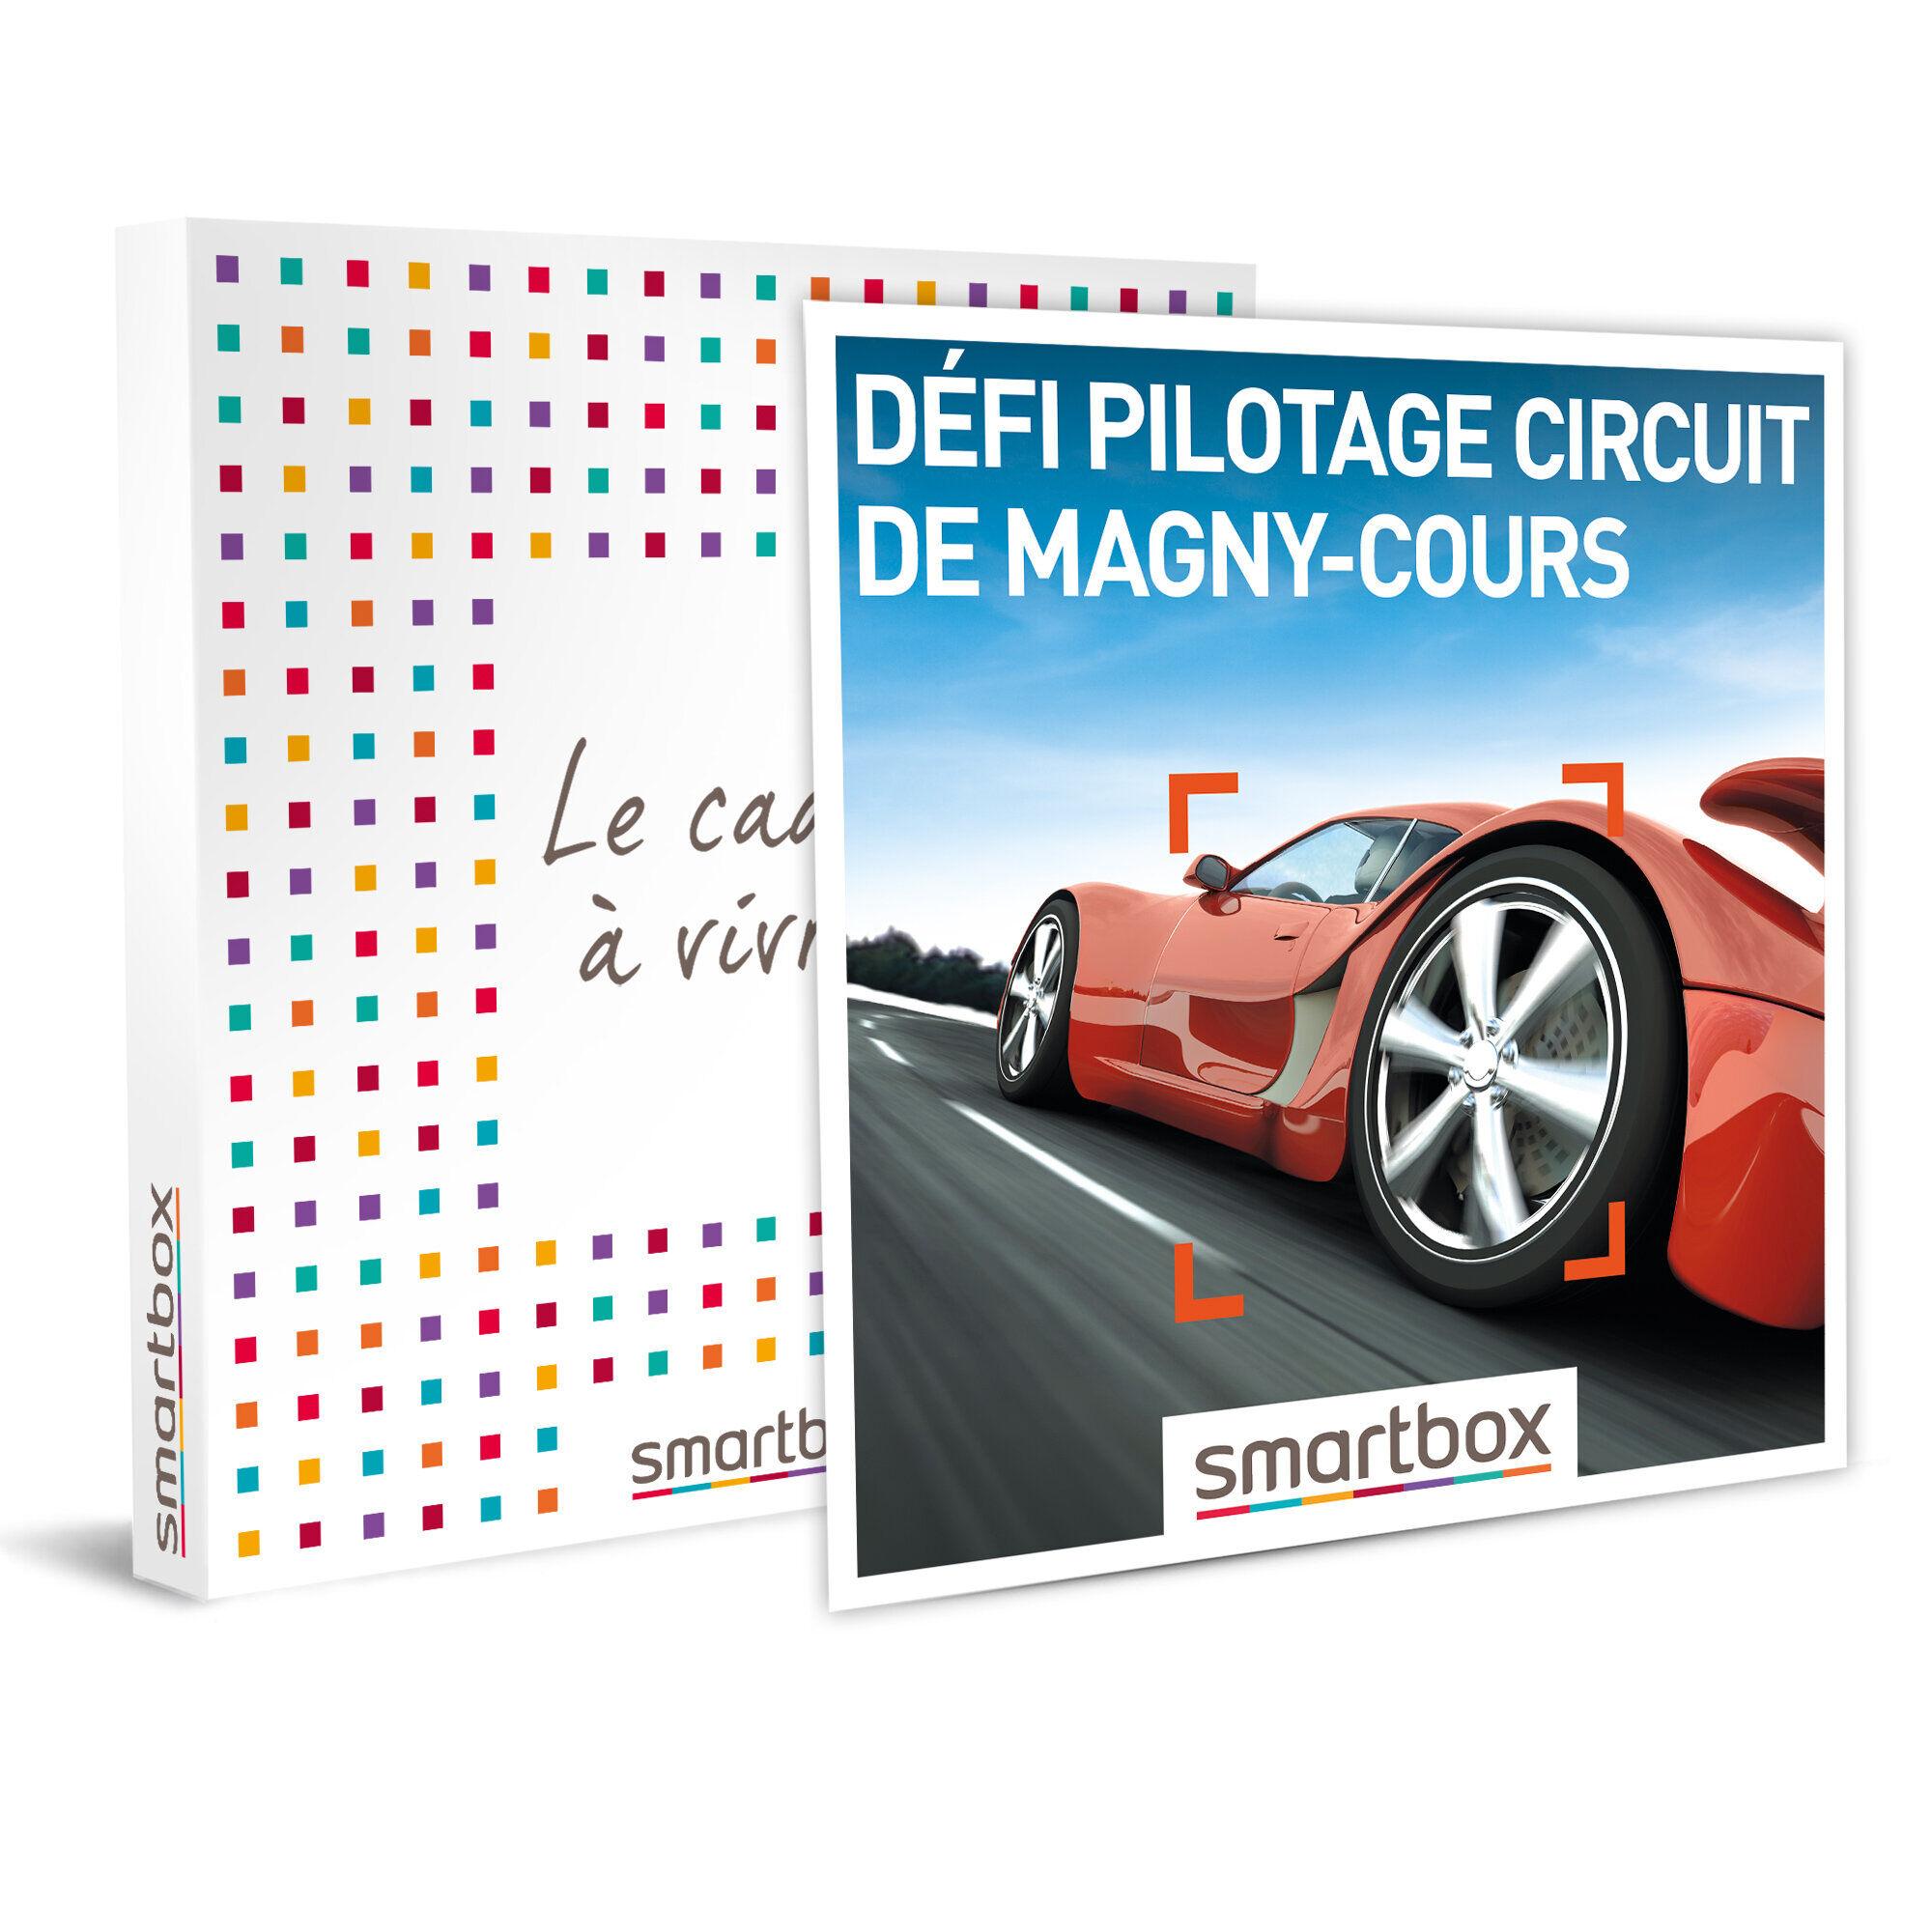 Smartbox Défi pilotage circuit de Magny-Cours Coffret cadeau Smartbox